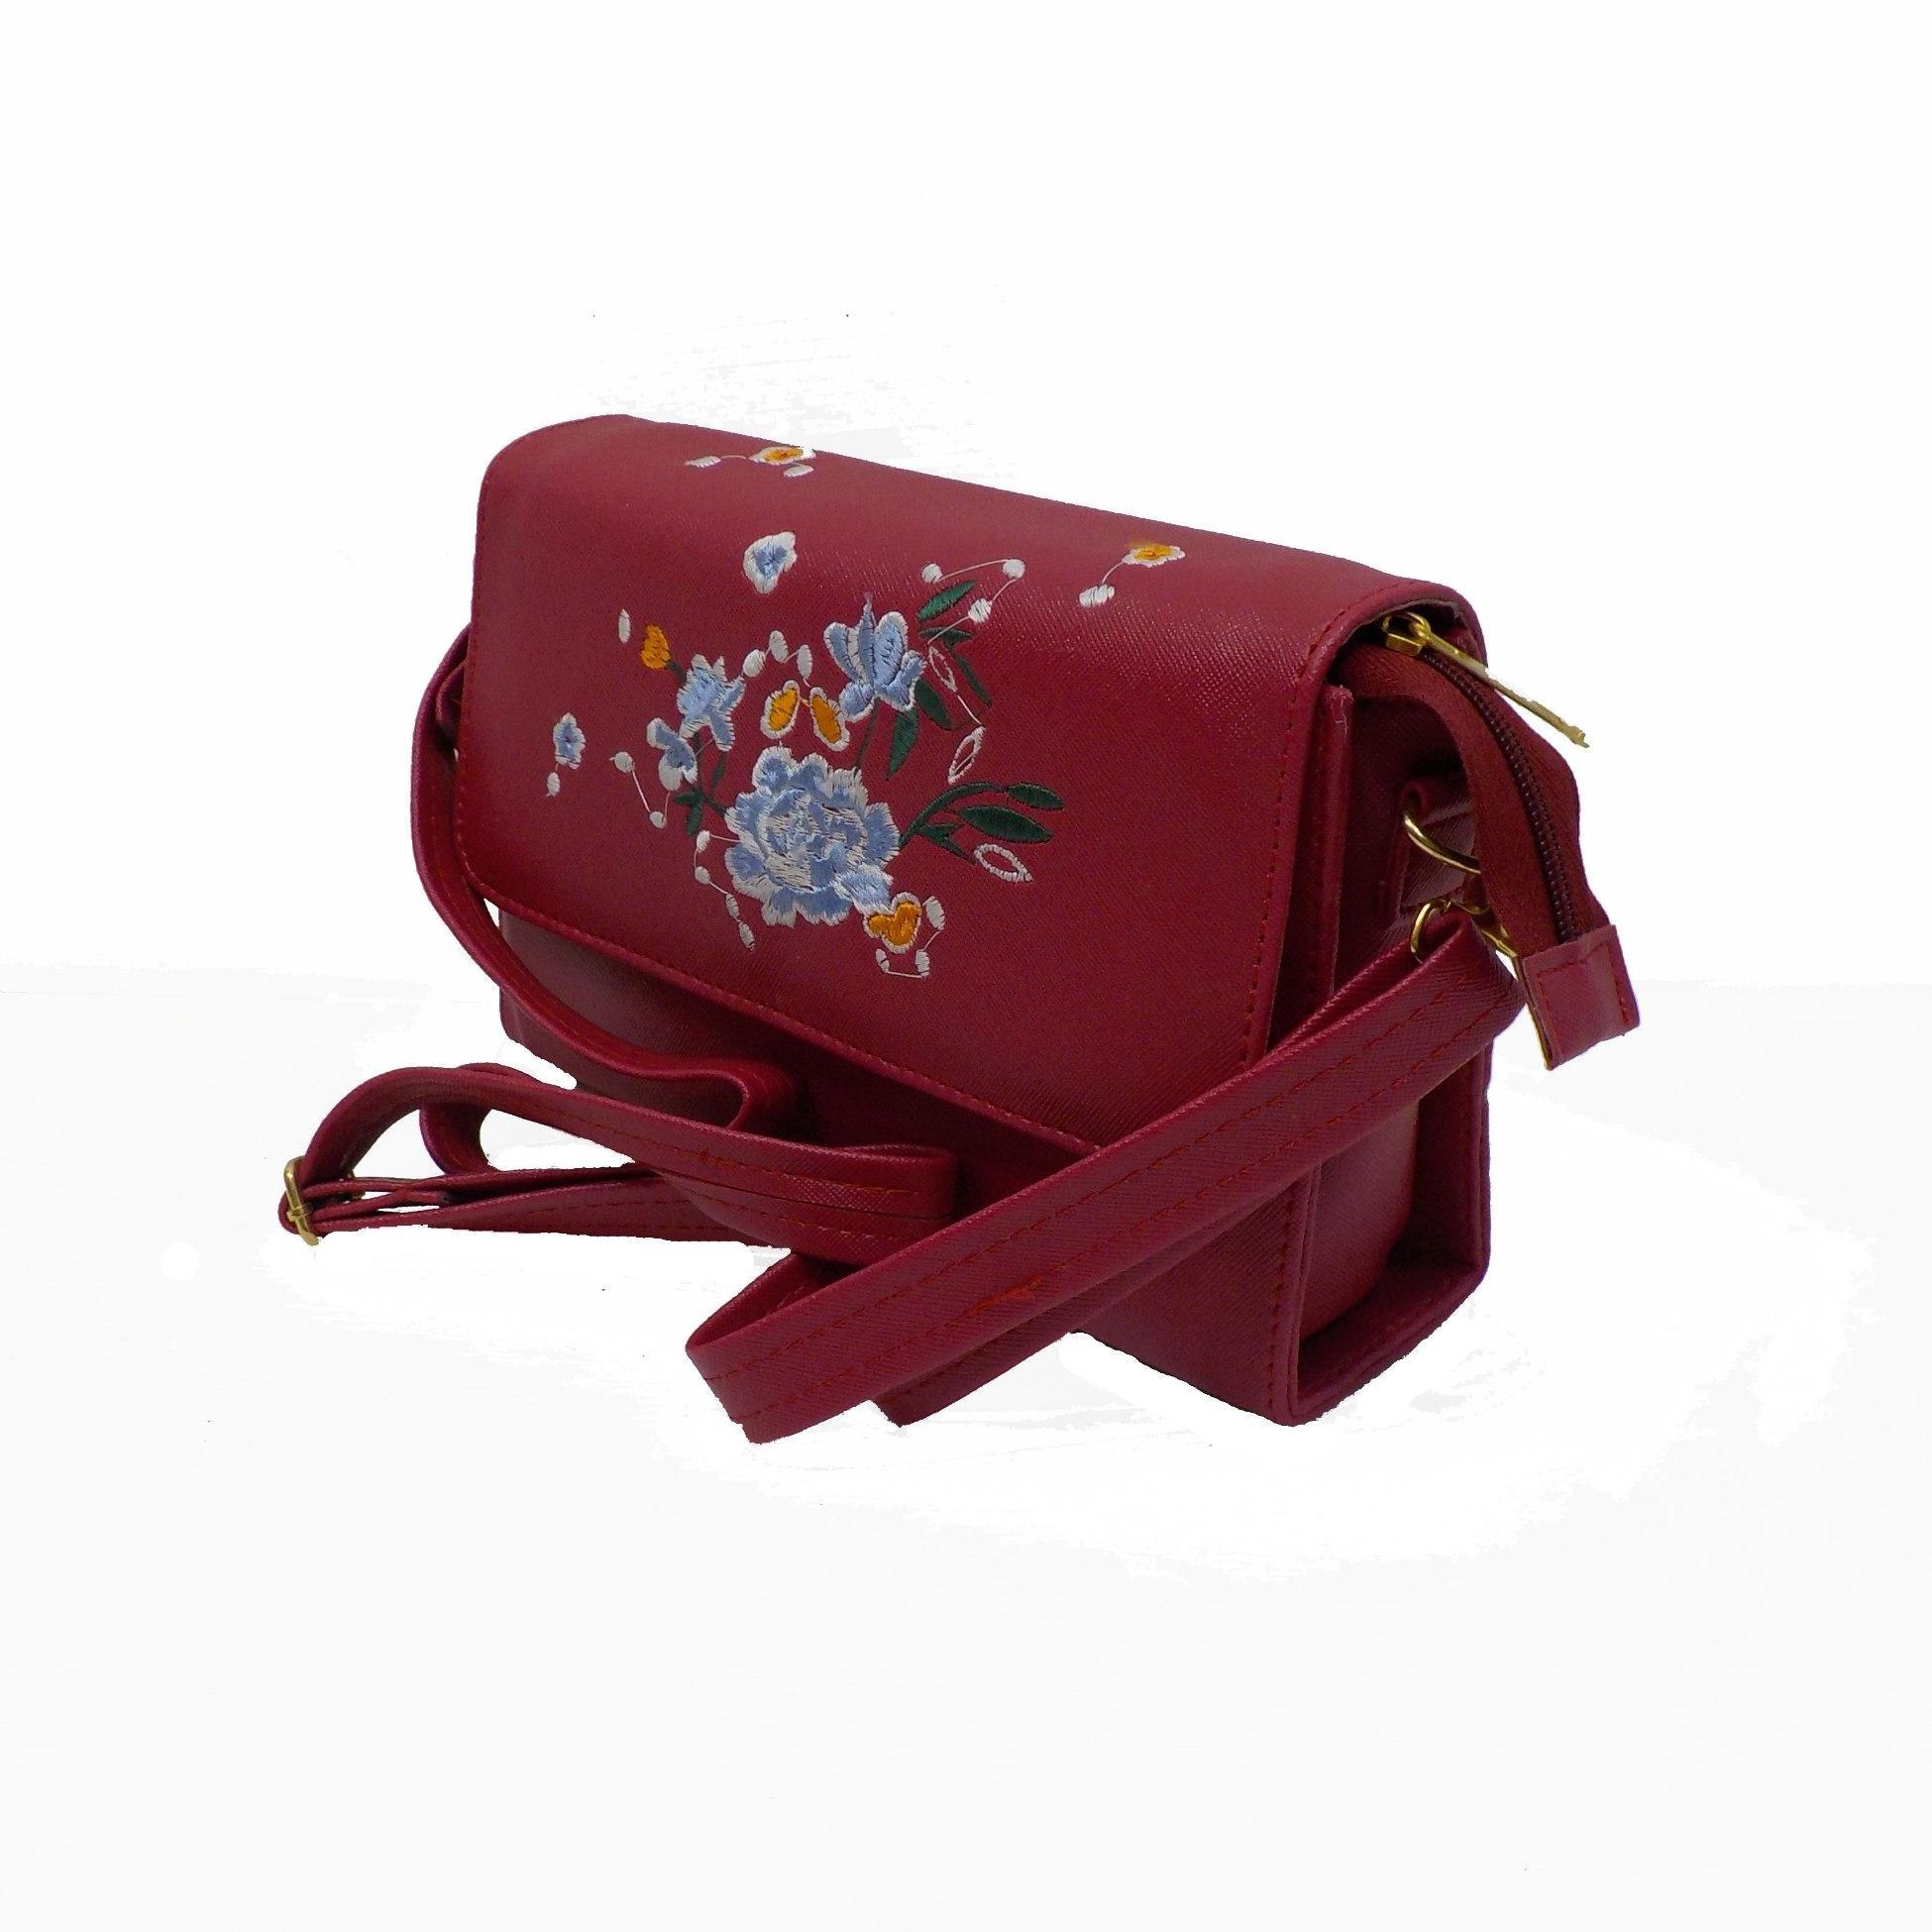 Auris Tas Selempang Pria 291527 Spec Dan Daftar Harga Terbaru D1 Fashion Wanita 254097 Merah 2